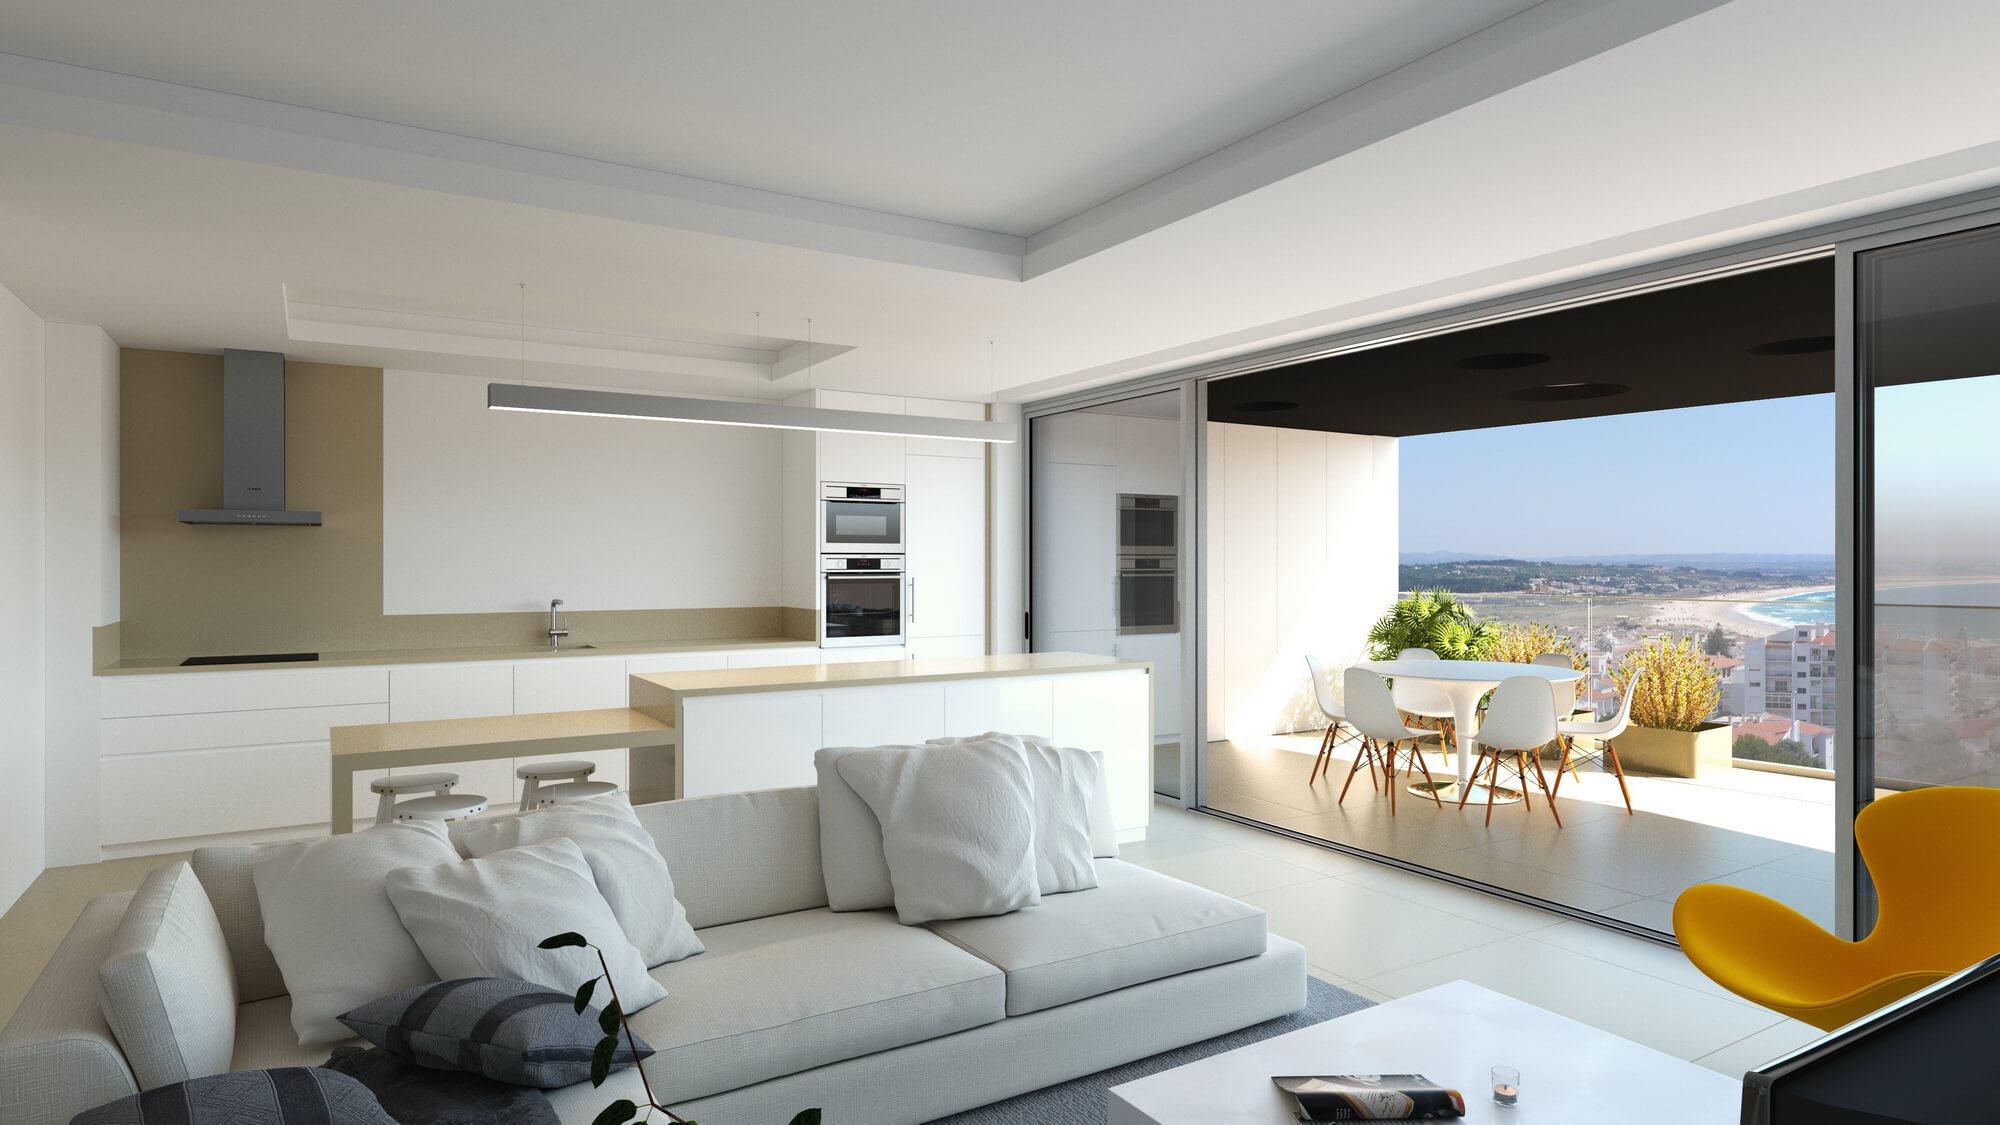 Moderne appartement de 2 chambres à Lagos  - 2 Chambres